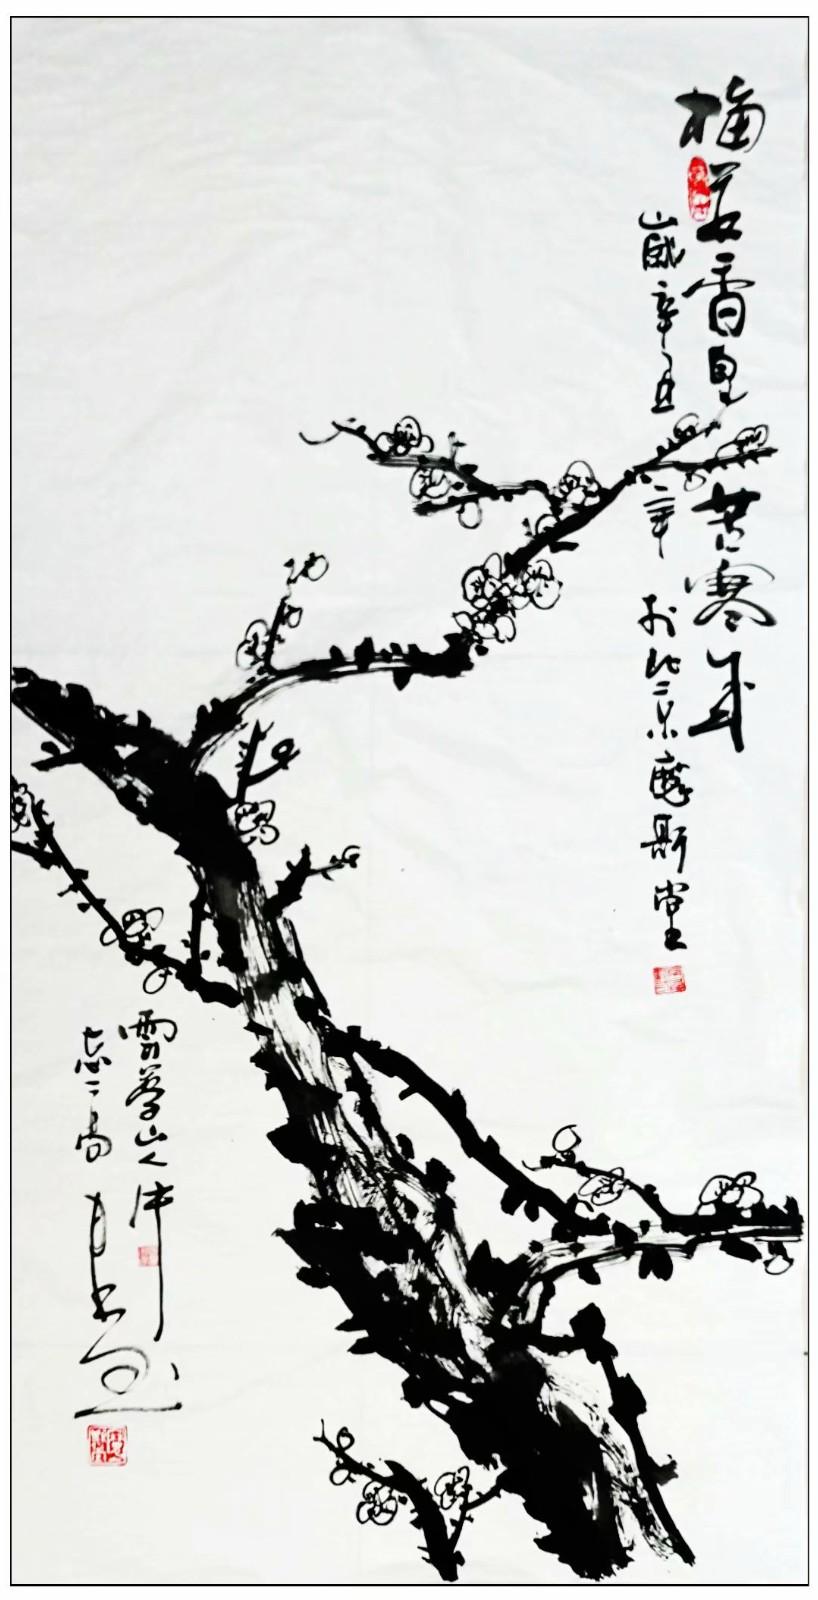 牛志高辛丑年书法新作---2021.02.20_图1-22